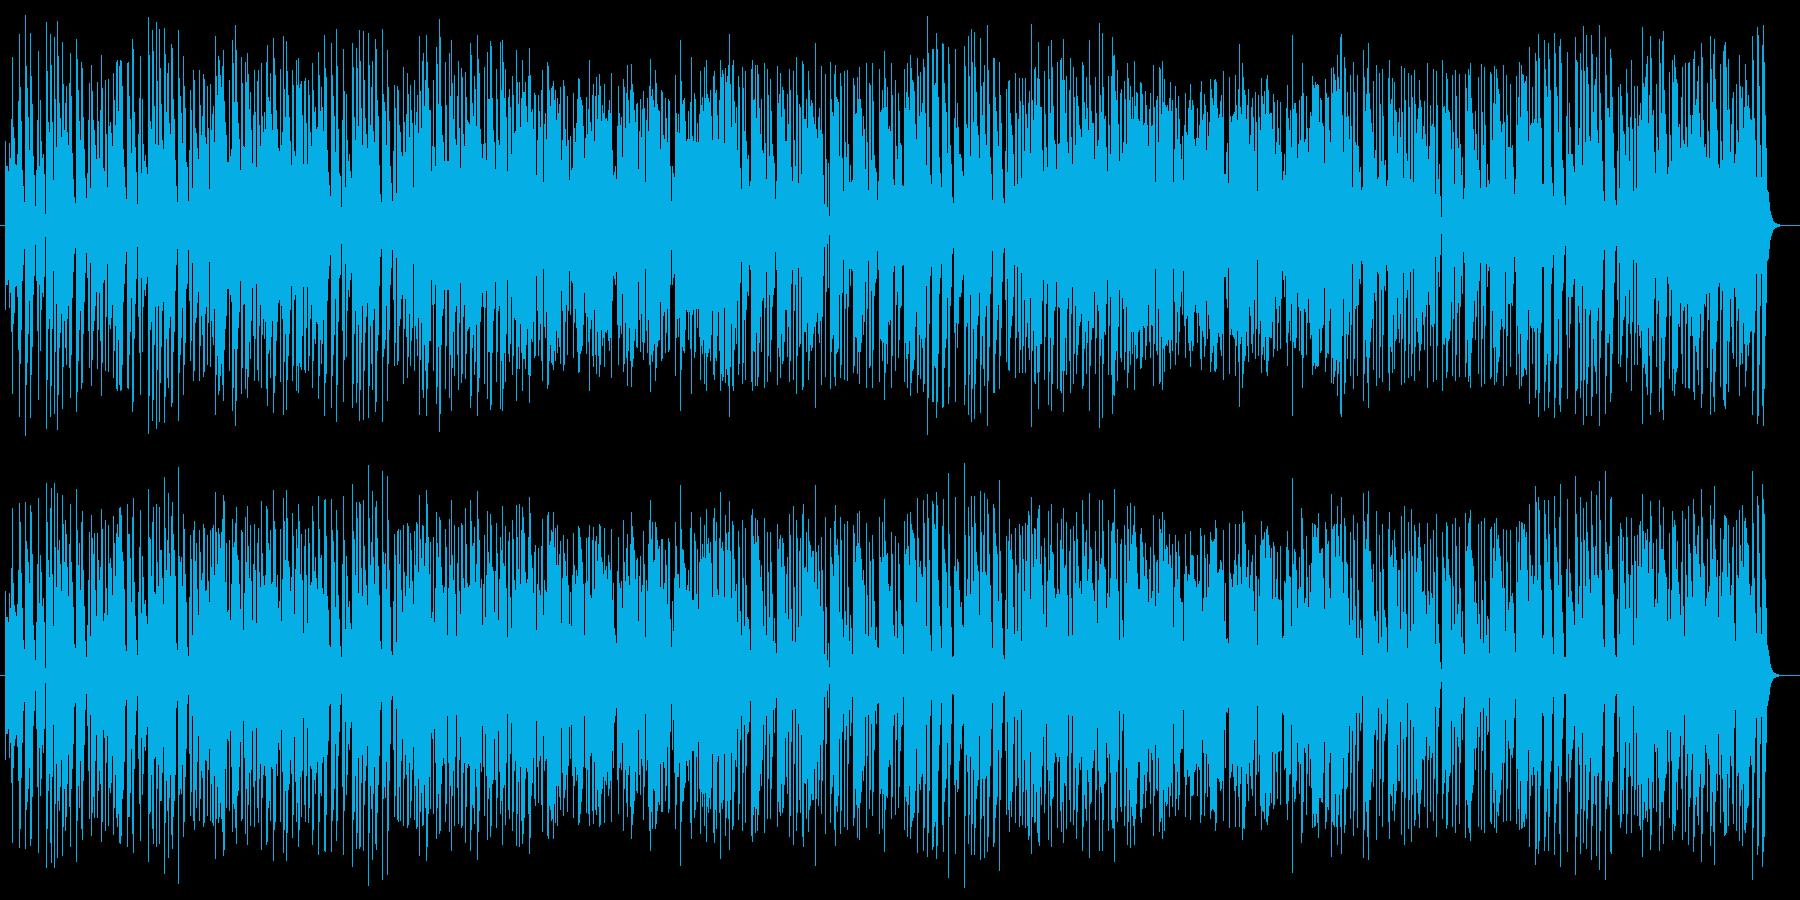 ポップで軽快で可憐なポップスの再生済みの波形